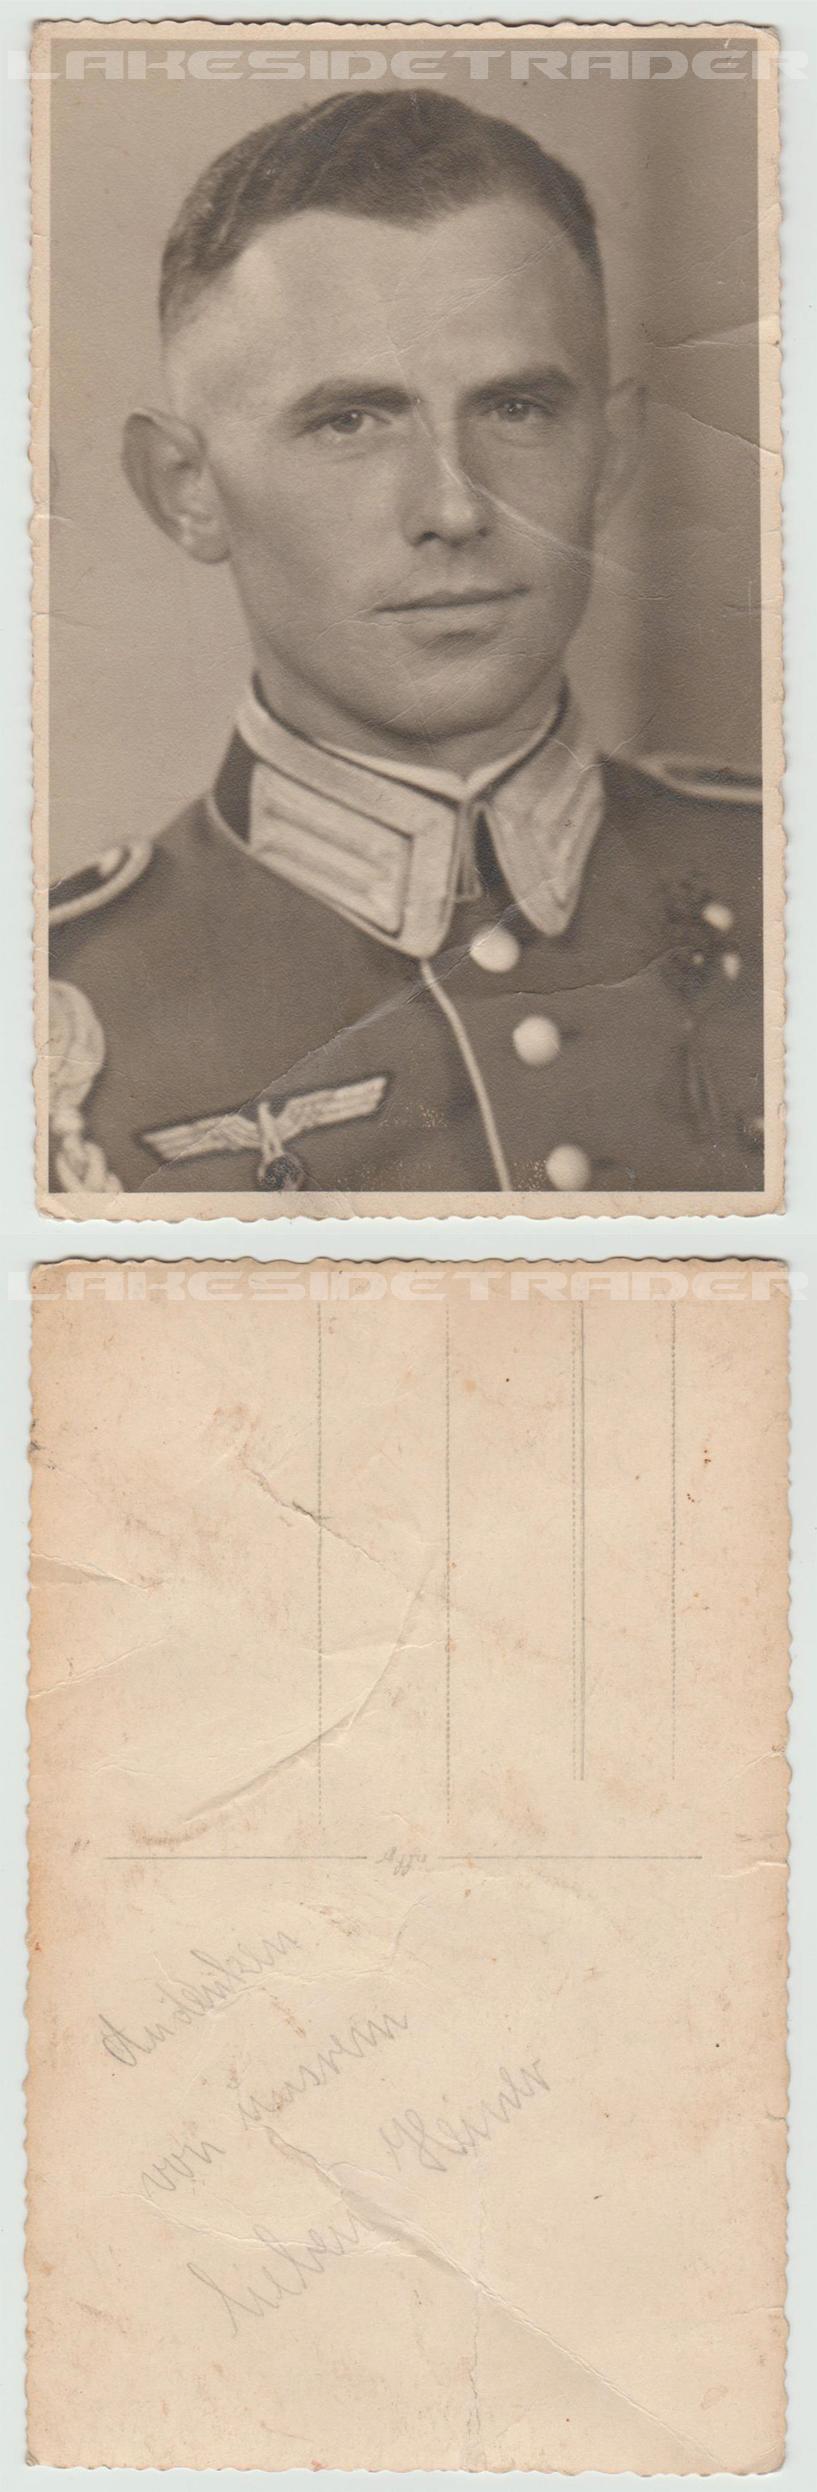 Infantry Officer Postcard